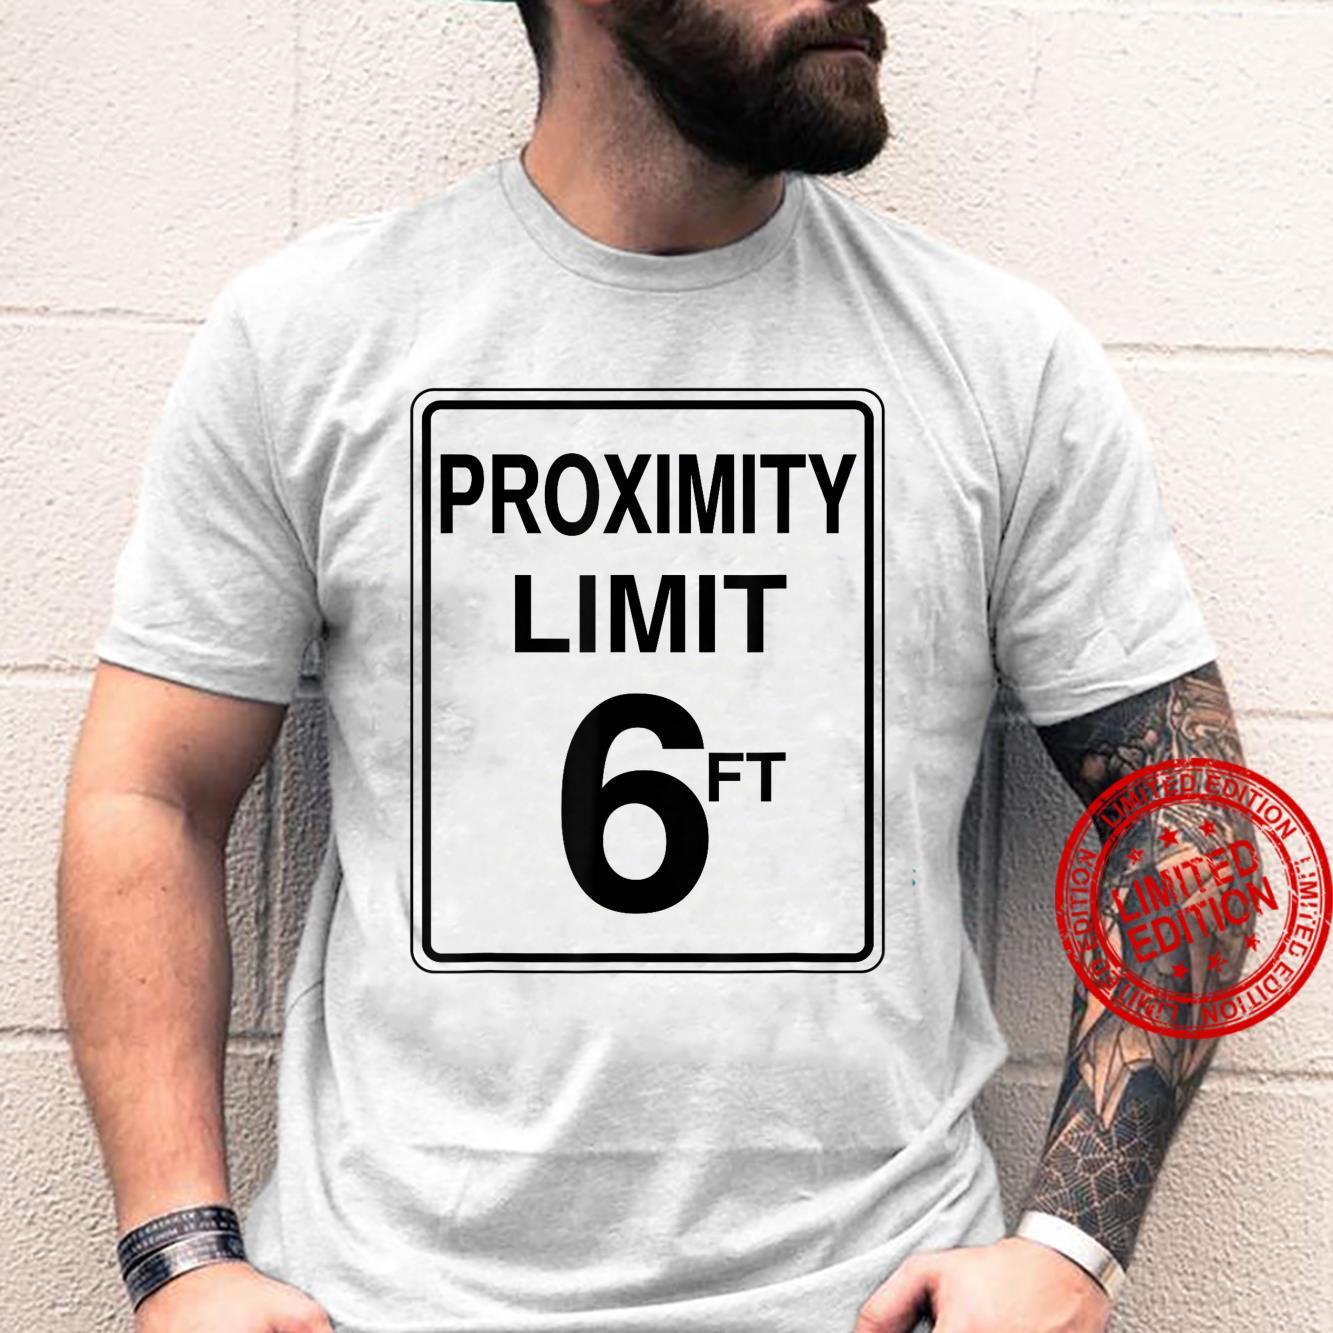 Proximity Limit 6 Ft Sign Shirt